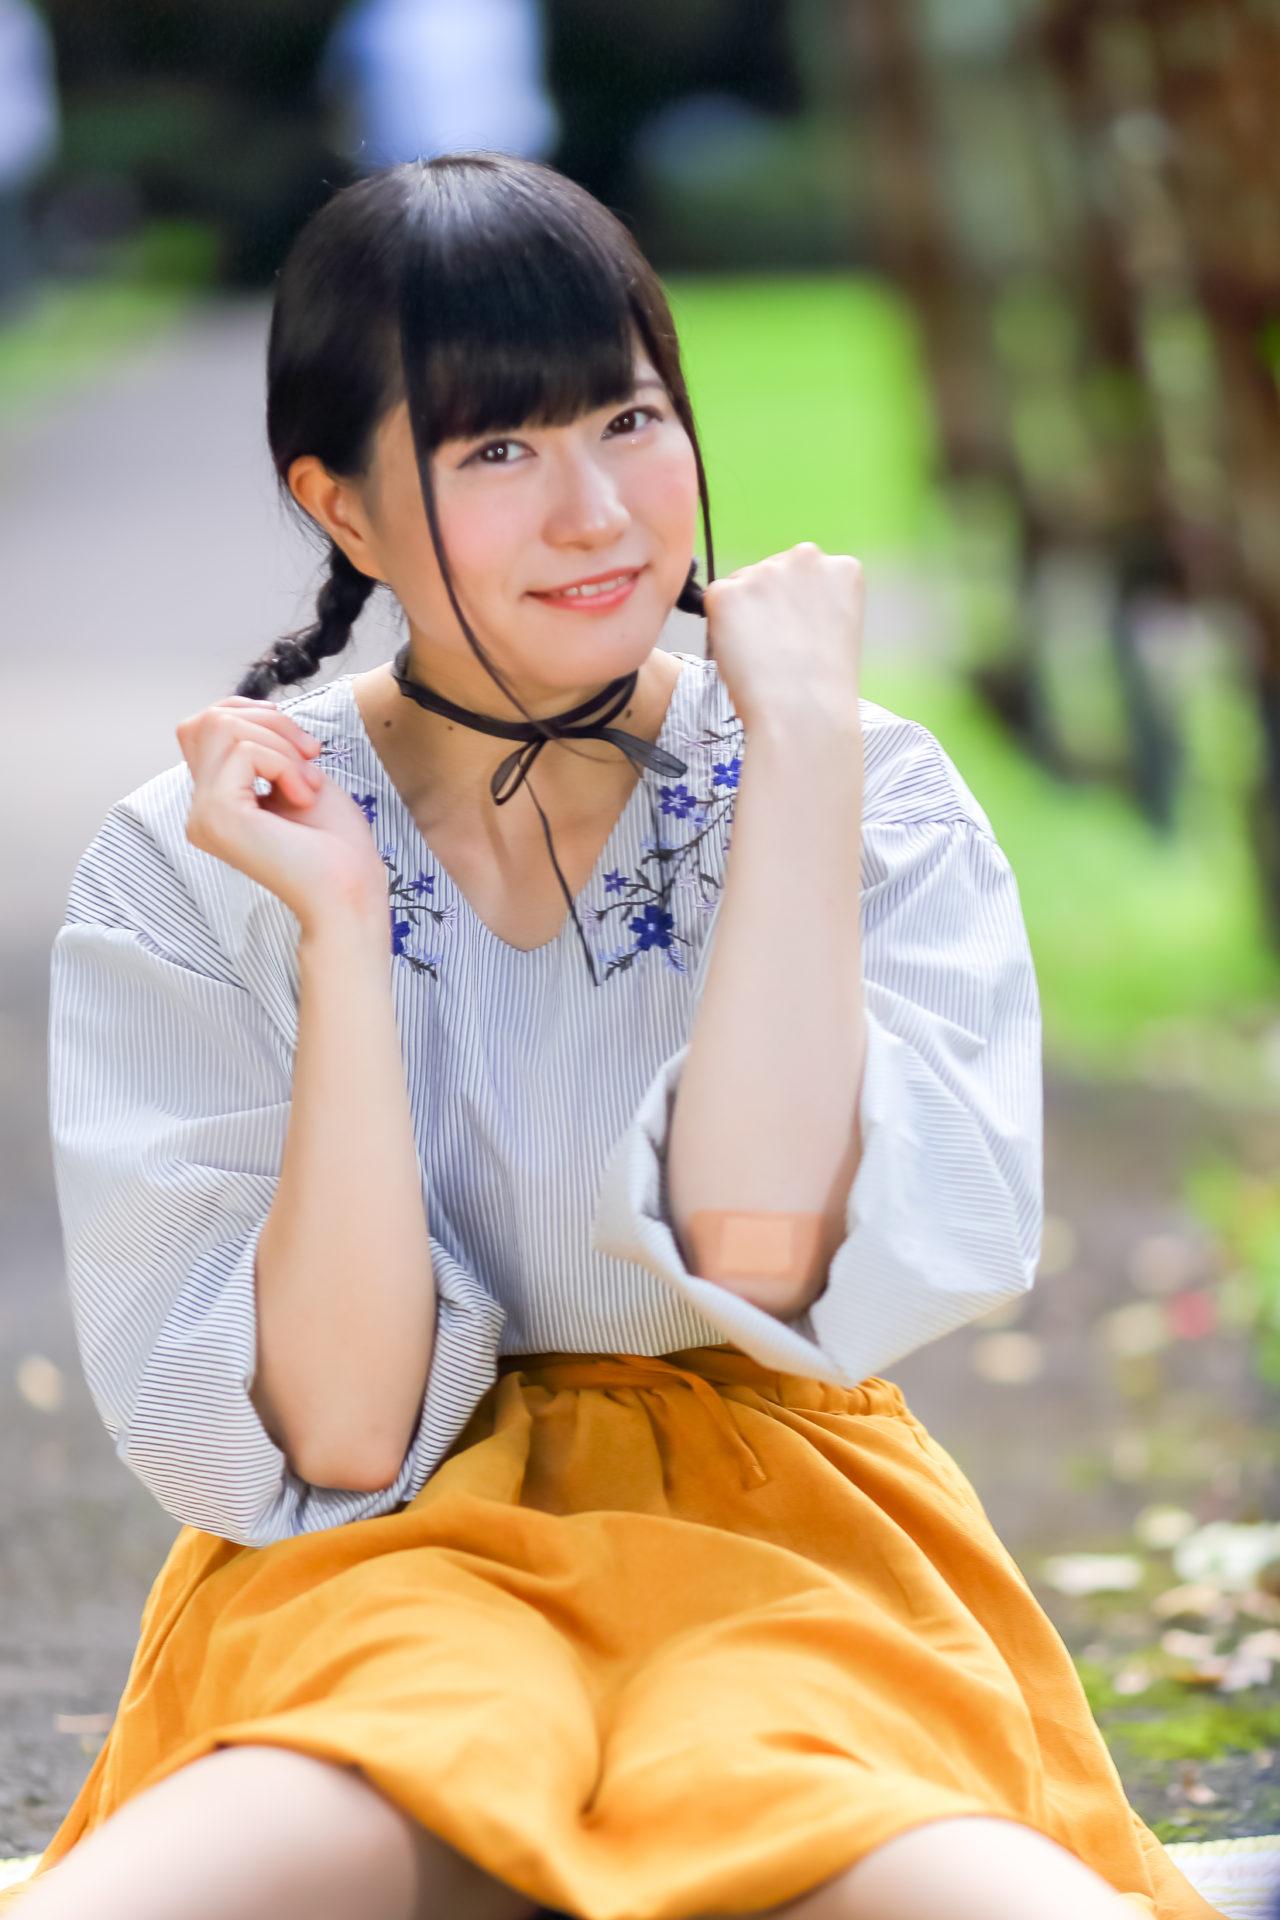 2代目HAPPY少女♪ あゆみ ( 新谷亜由美 ) | モデルプロ豊平公園撮影会